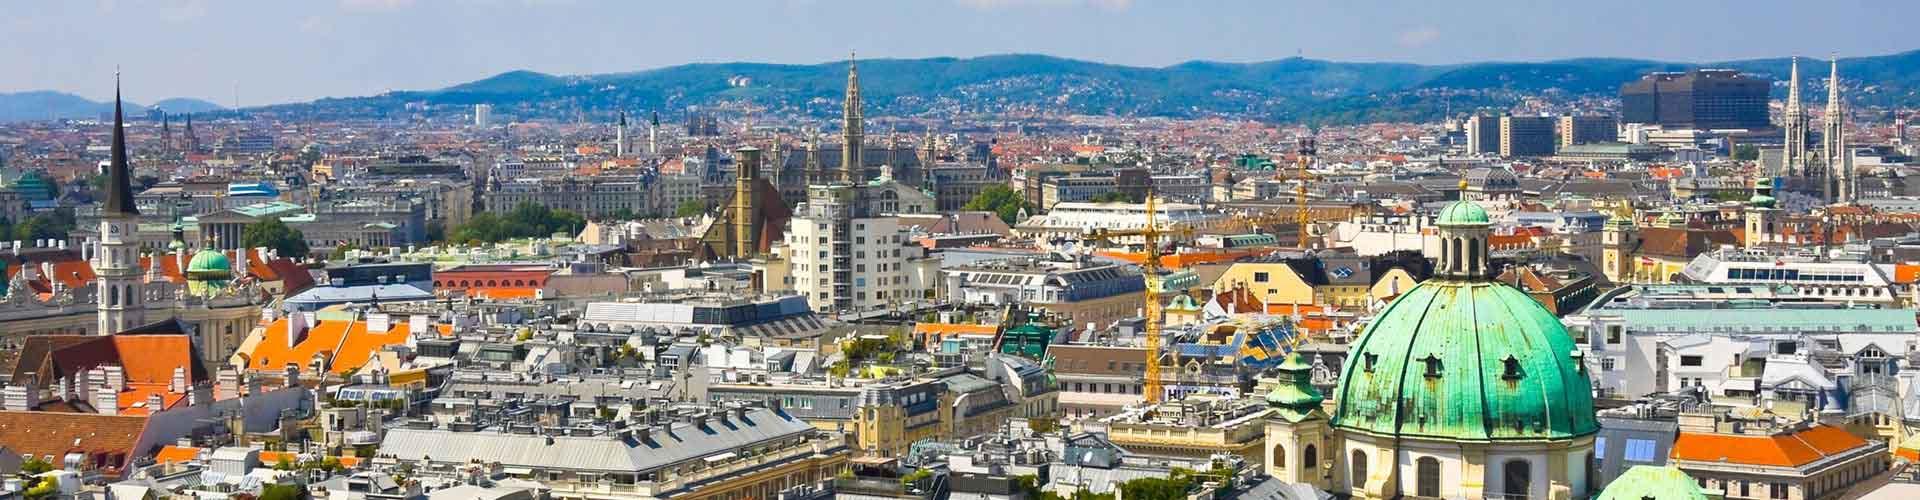 Wien – Hostels in Josefstadt Stadtteil. Karten für Wien. Fotos und Bewertungen für jedes Hostel in Wien.